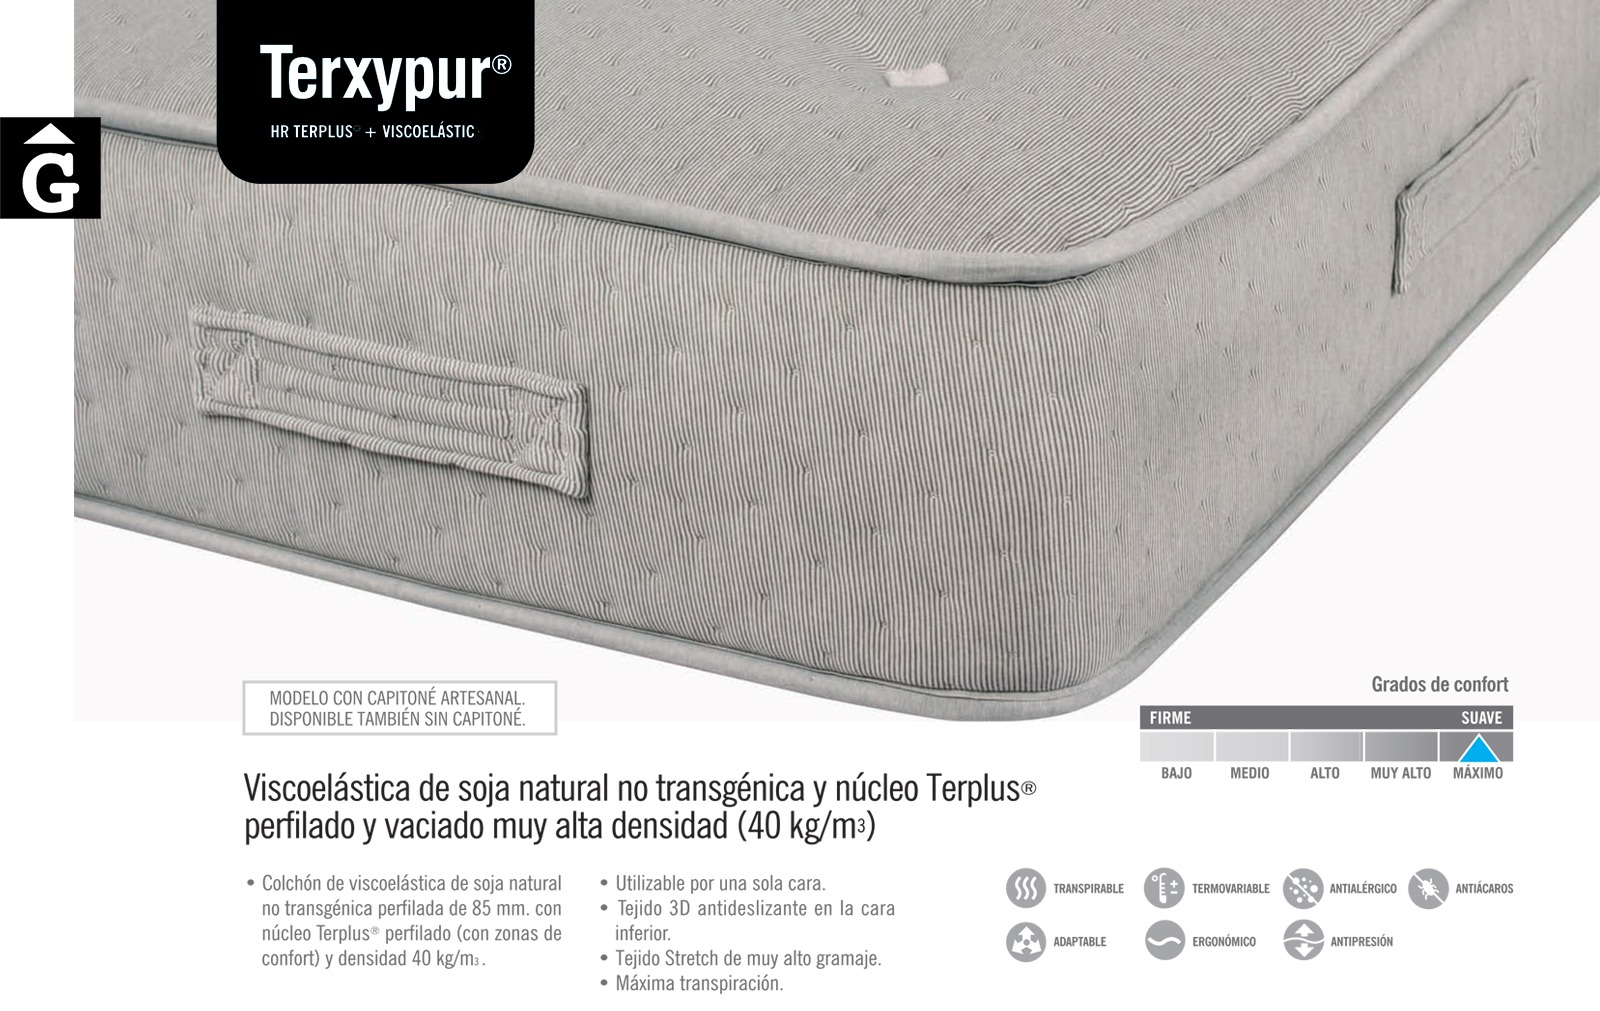 Terxypur-terxy-by-mobles-gifreu-girona-fabricants-de-somnis-matalas-matalassos-somier-somiers-coixi-coixins-de-qualitat-realitazats-amb-els-cinc-sentits